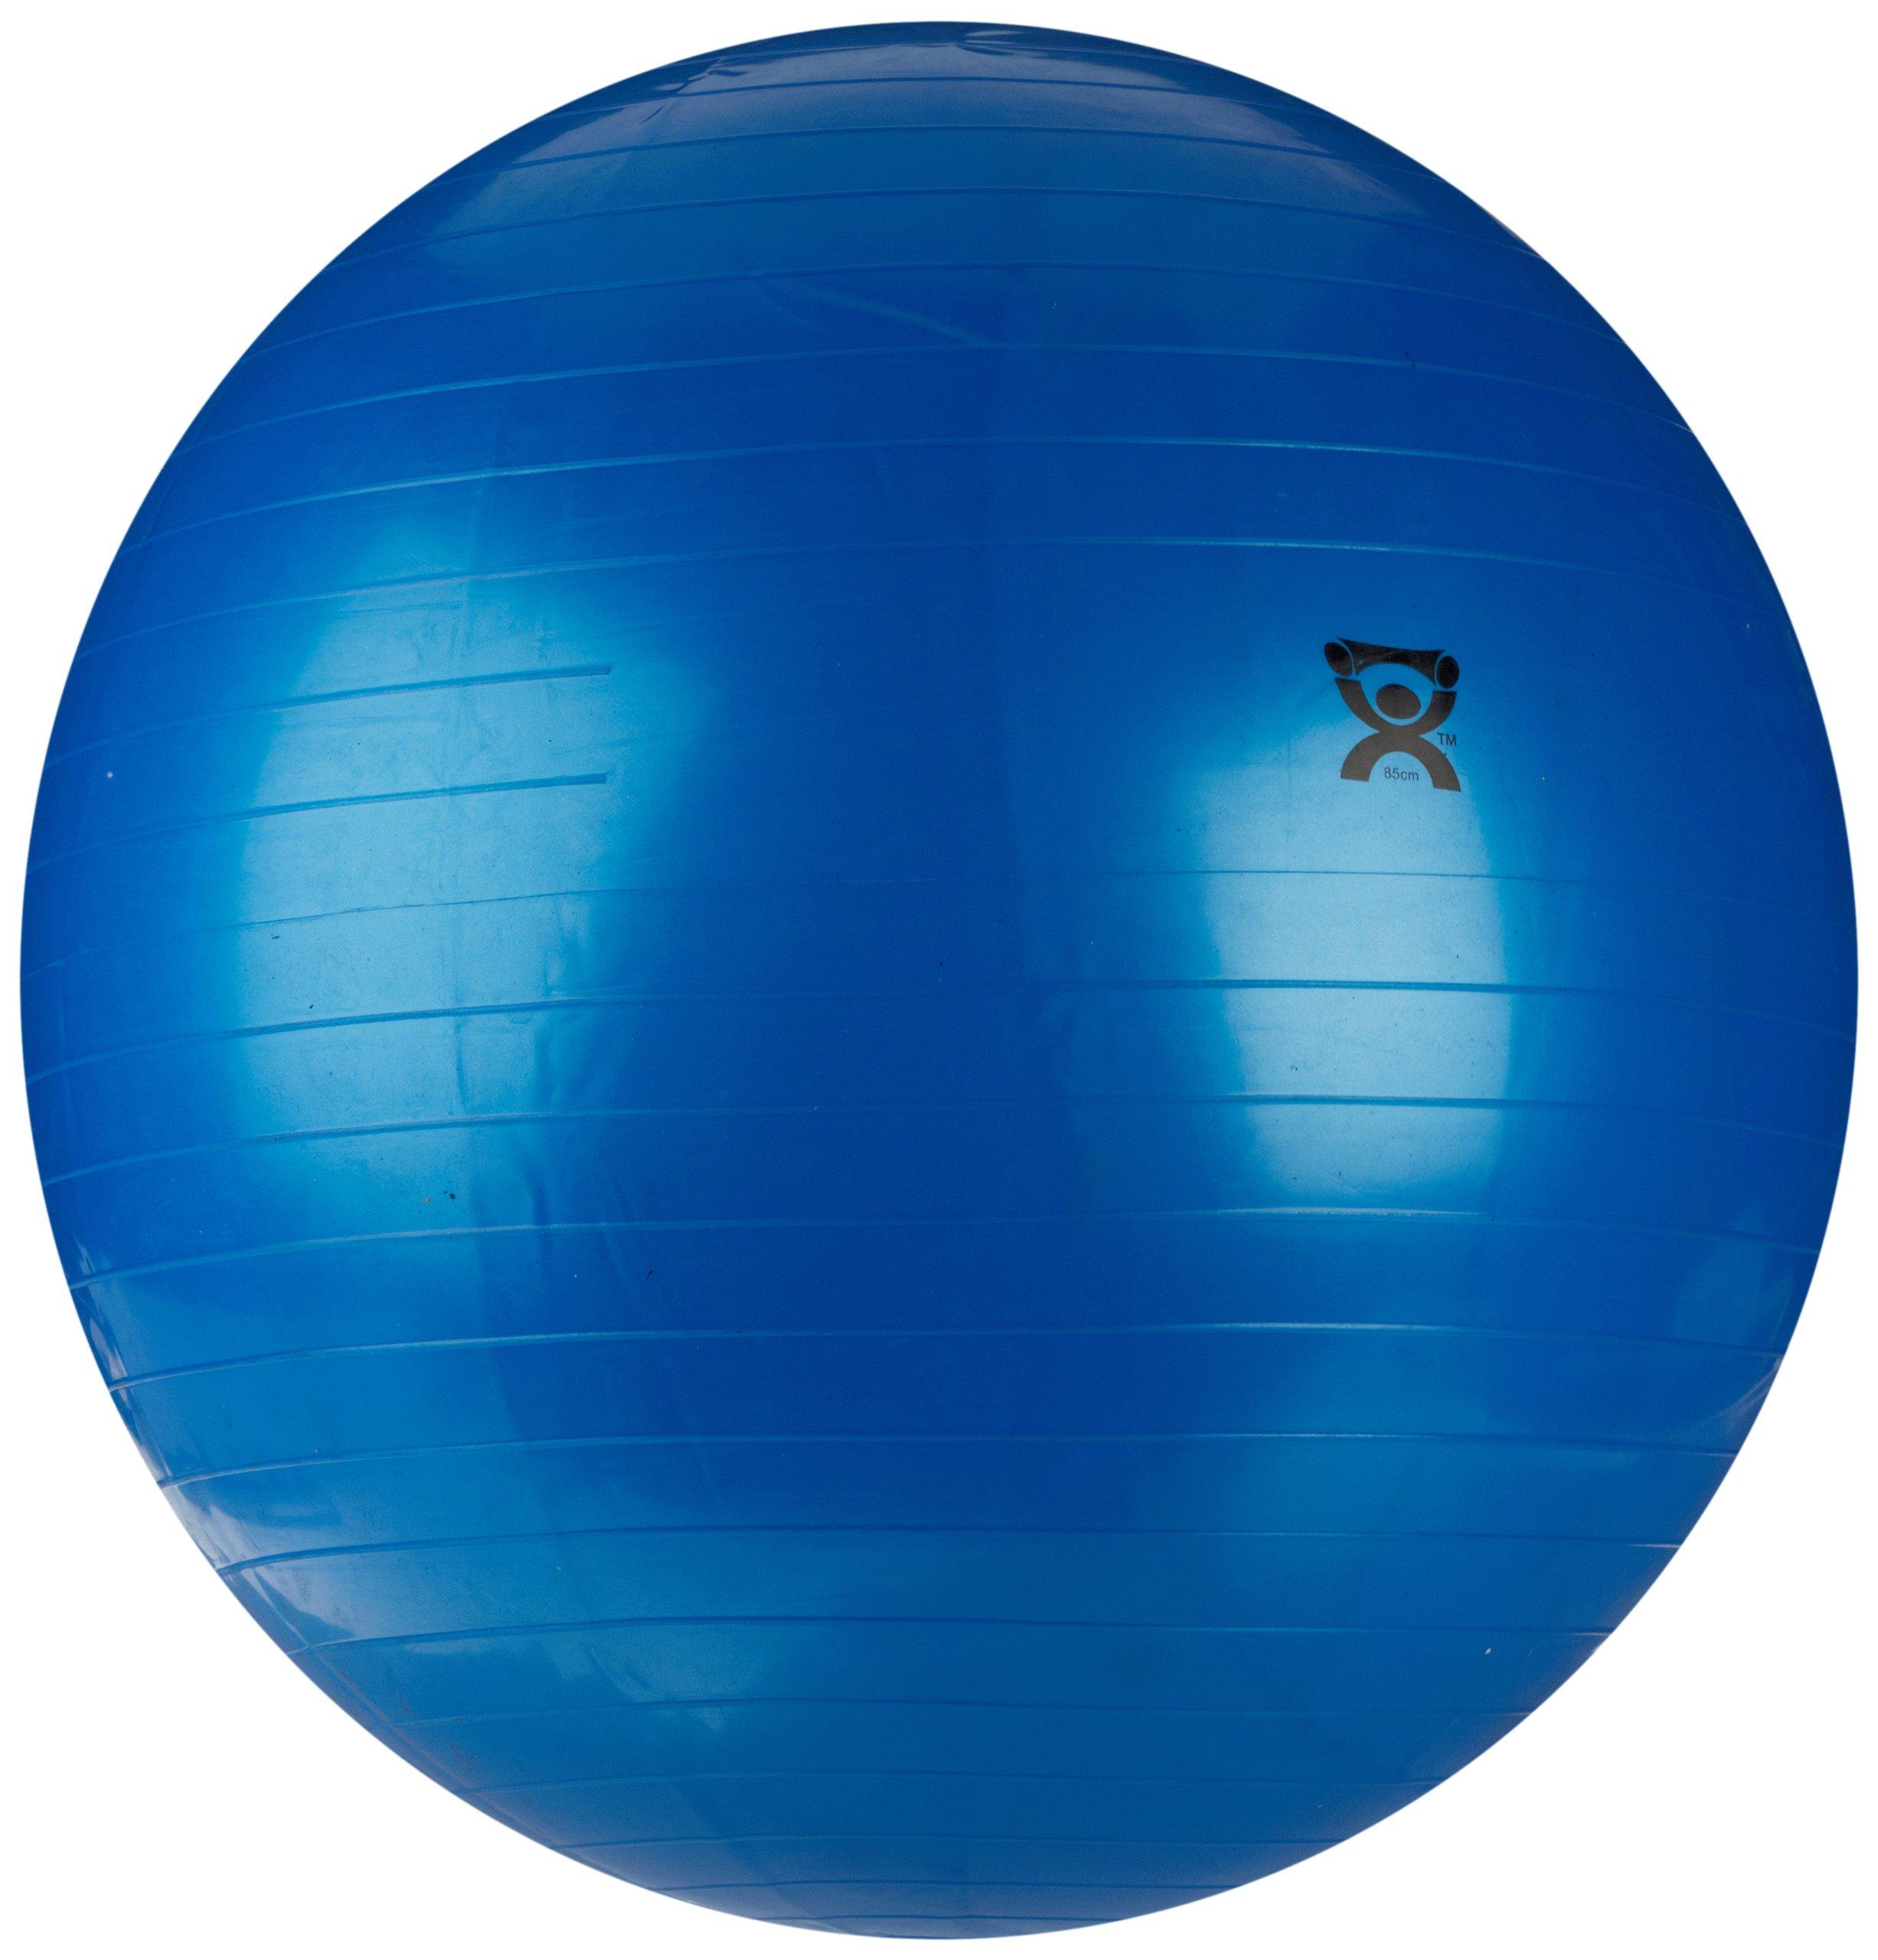 CanDo Non-Slip Vinyl Inflatable Exercise Ball, Blue, 33.5'' by Cando